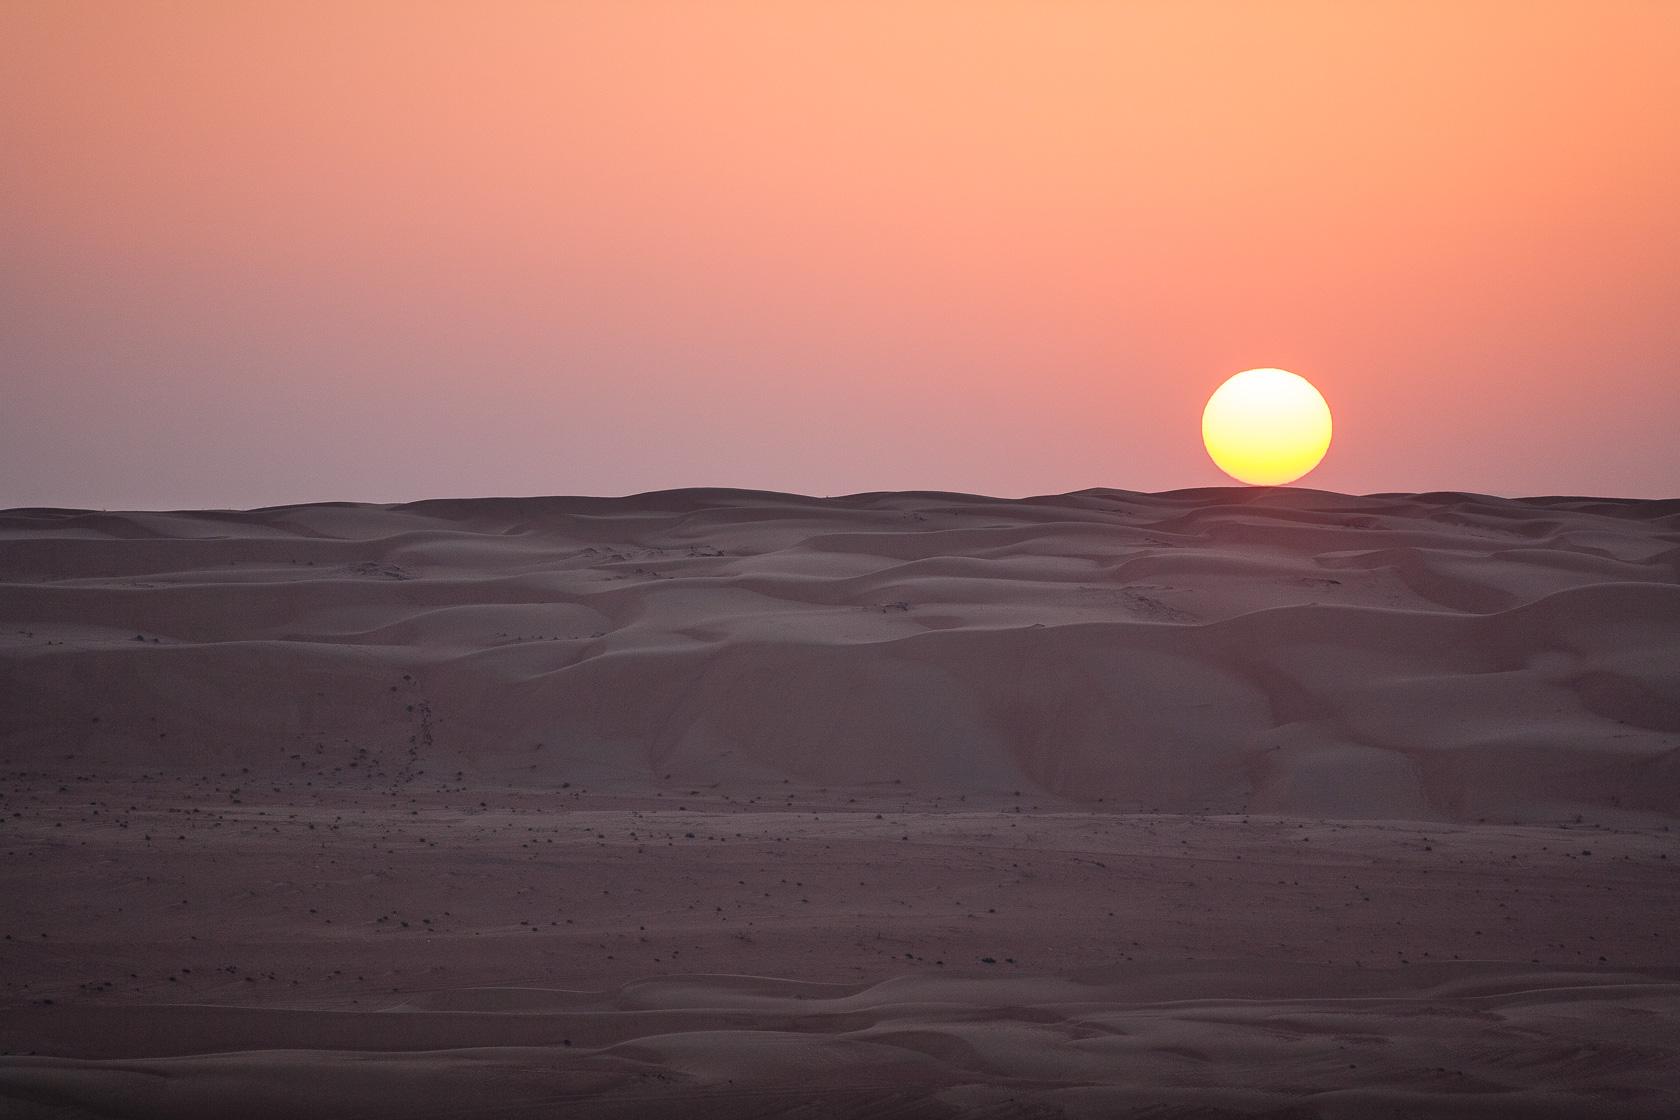 couché de soleil sur les dunes du Ramlat al wahiba, à Oman